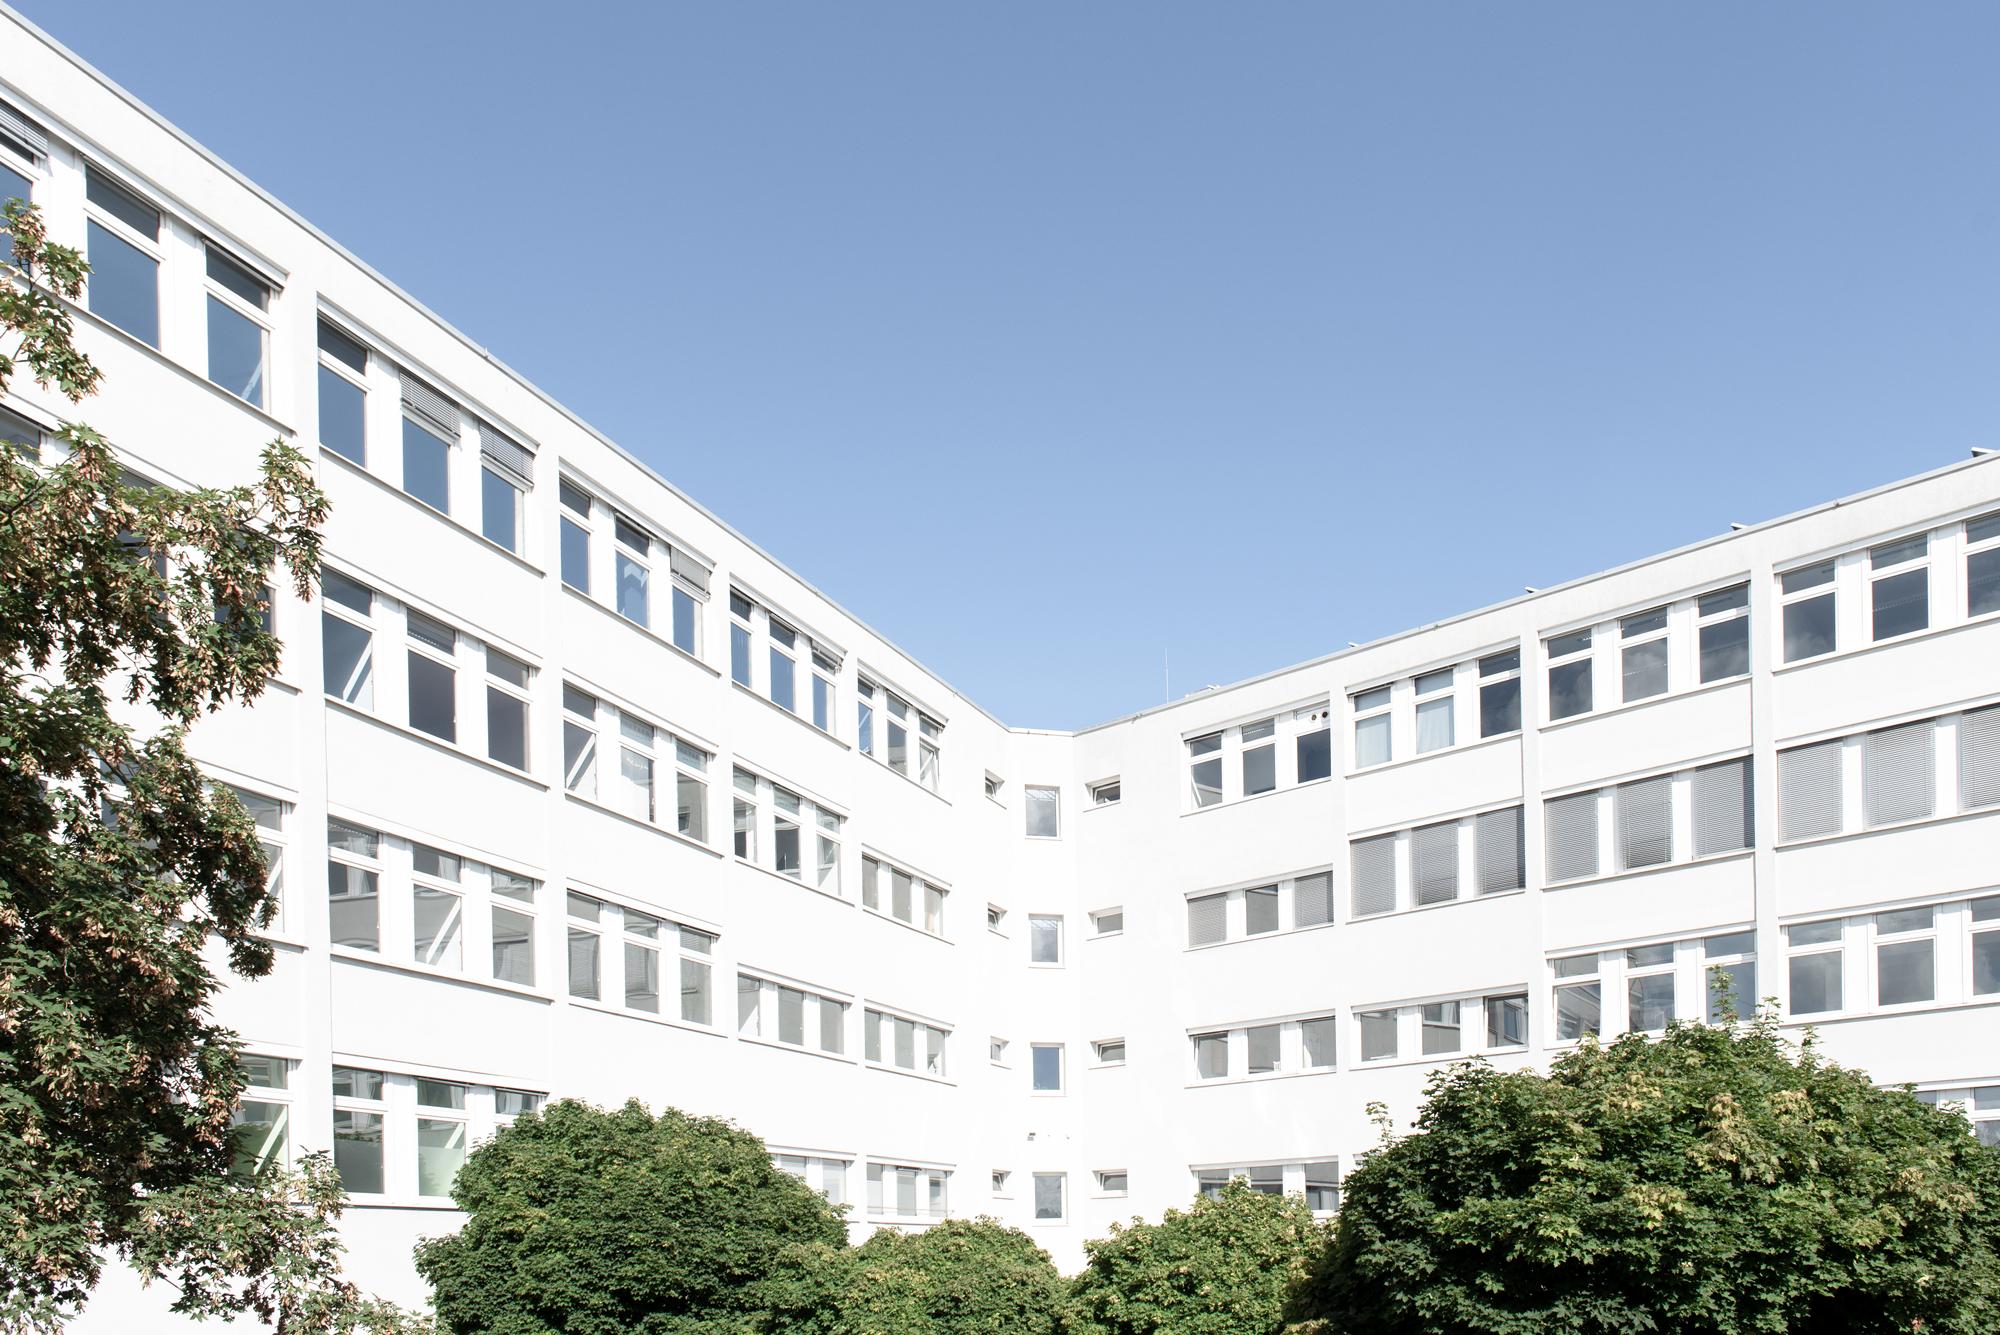 HGS_Wertstr-8_Wendlingen_Buerogebaeude_01